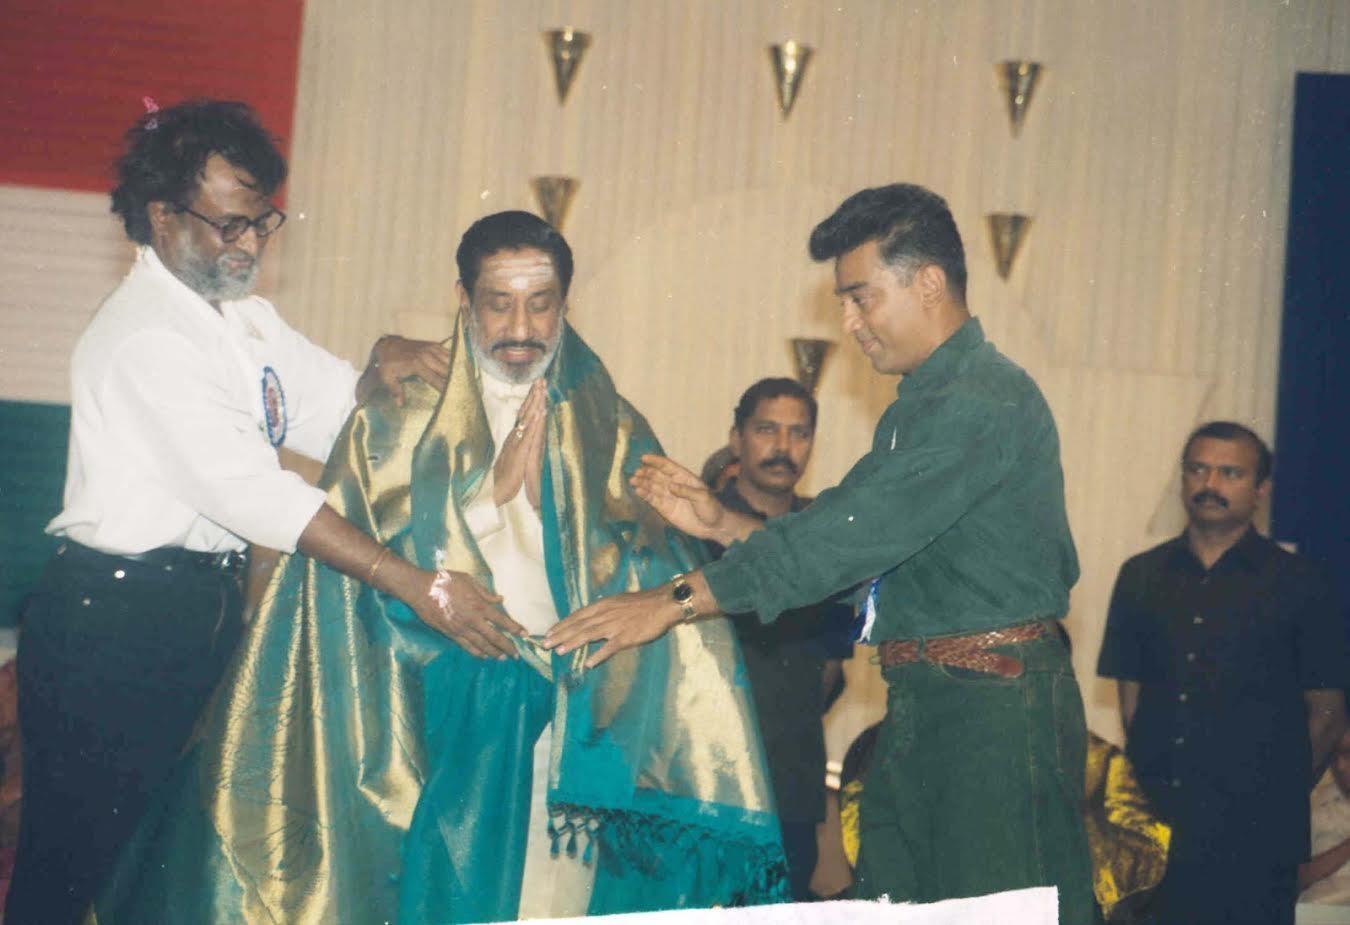 ரஜினிகாந்த் மற்றும் சிவாஜி